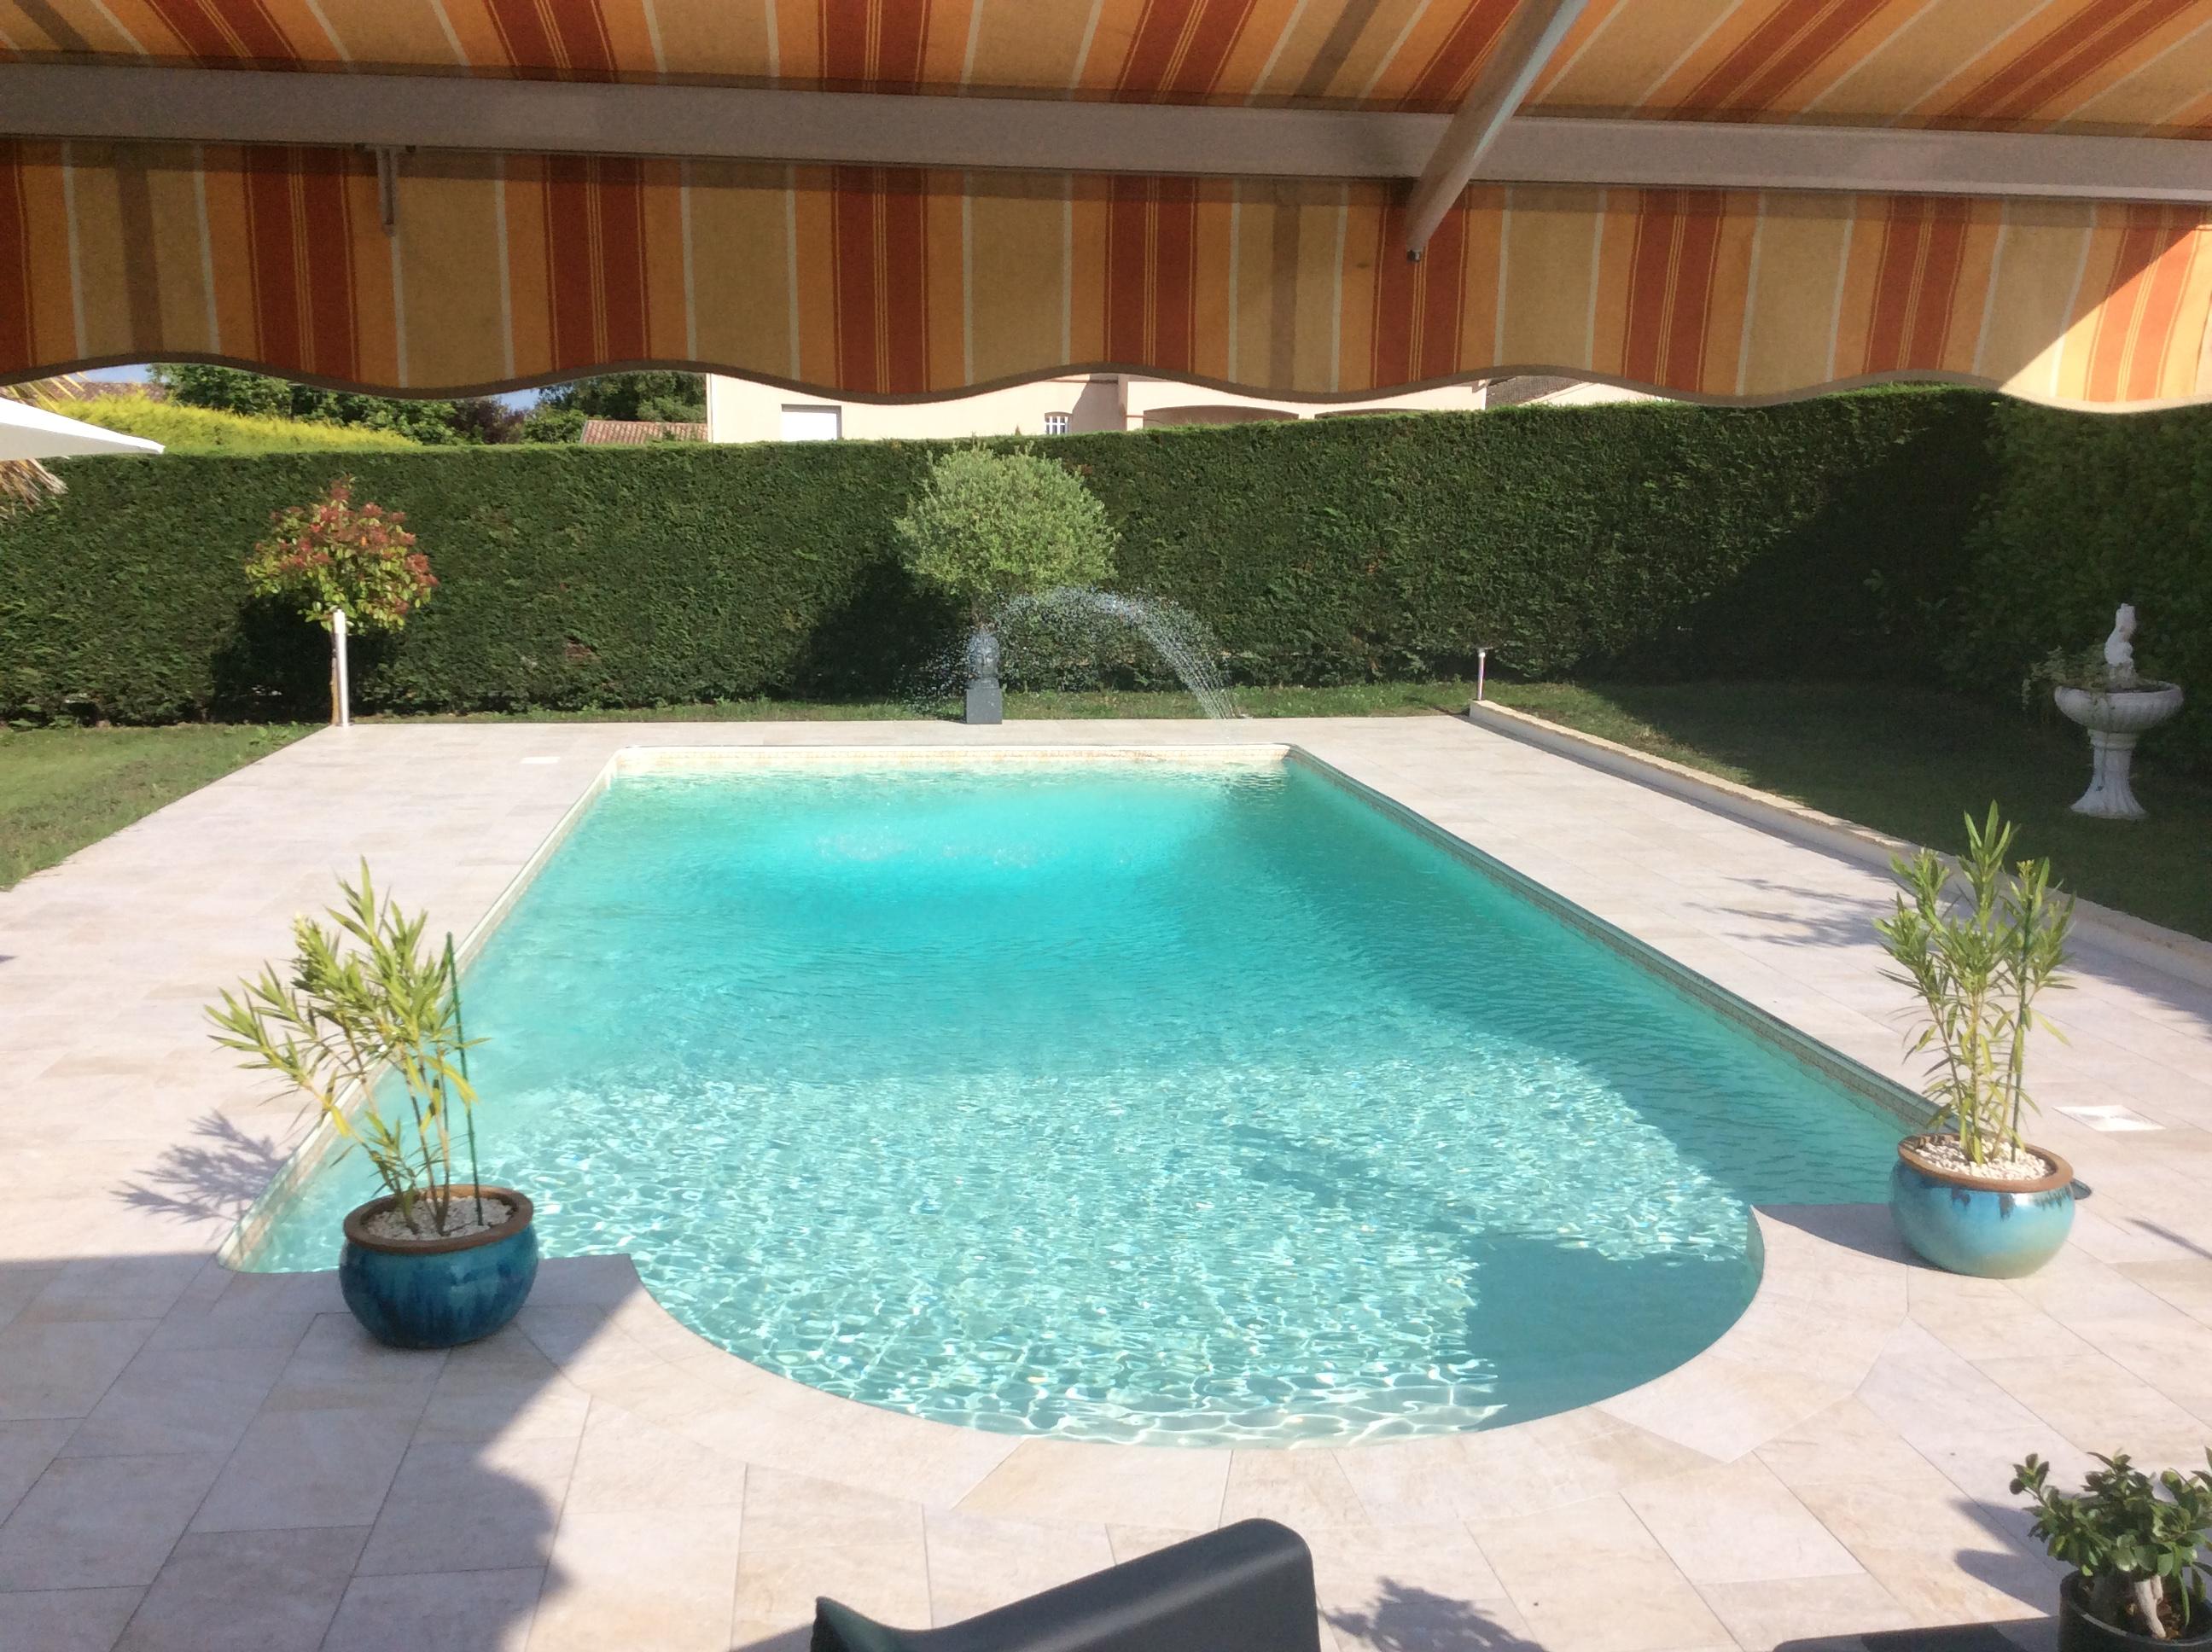 baguette de finition inox 2 70 ml sp cial piscine traitement sel et chlore sp cial piscine. Black Bedroom Furniture Sets. Home Design Ideas